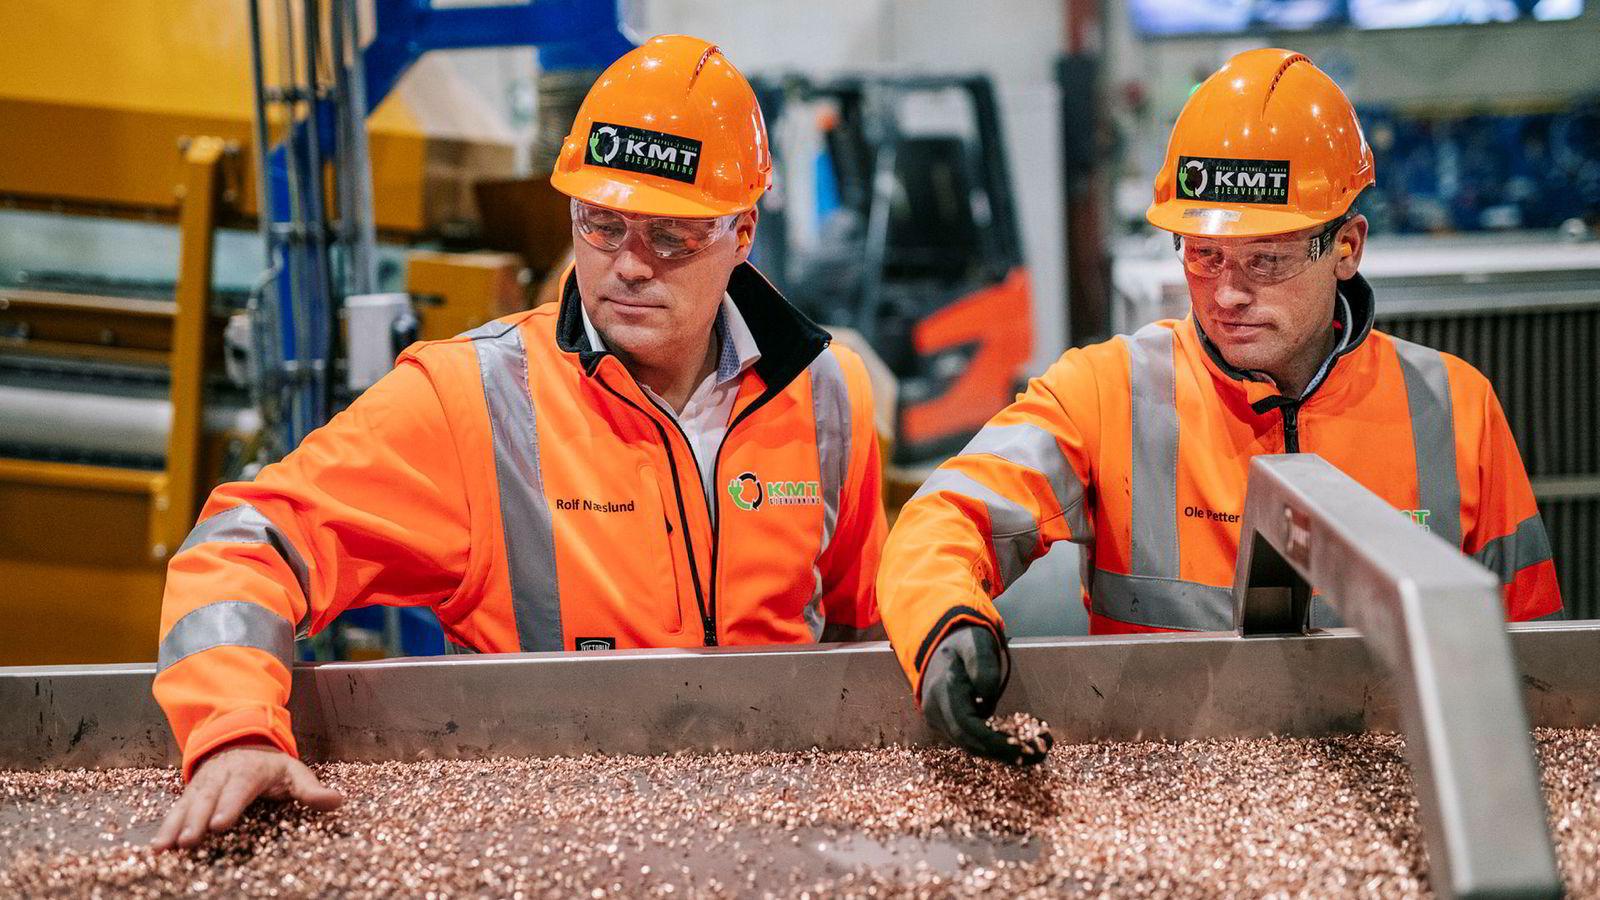 Kabel Metall og Trafo Gjenvinning (KMT) er årets gasellevinner i Vestfold. Fra venstre: daglig leder Ole Petter Nilsen og styreleder Rolf Bergerud Næslund.